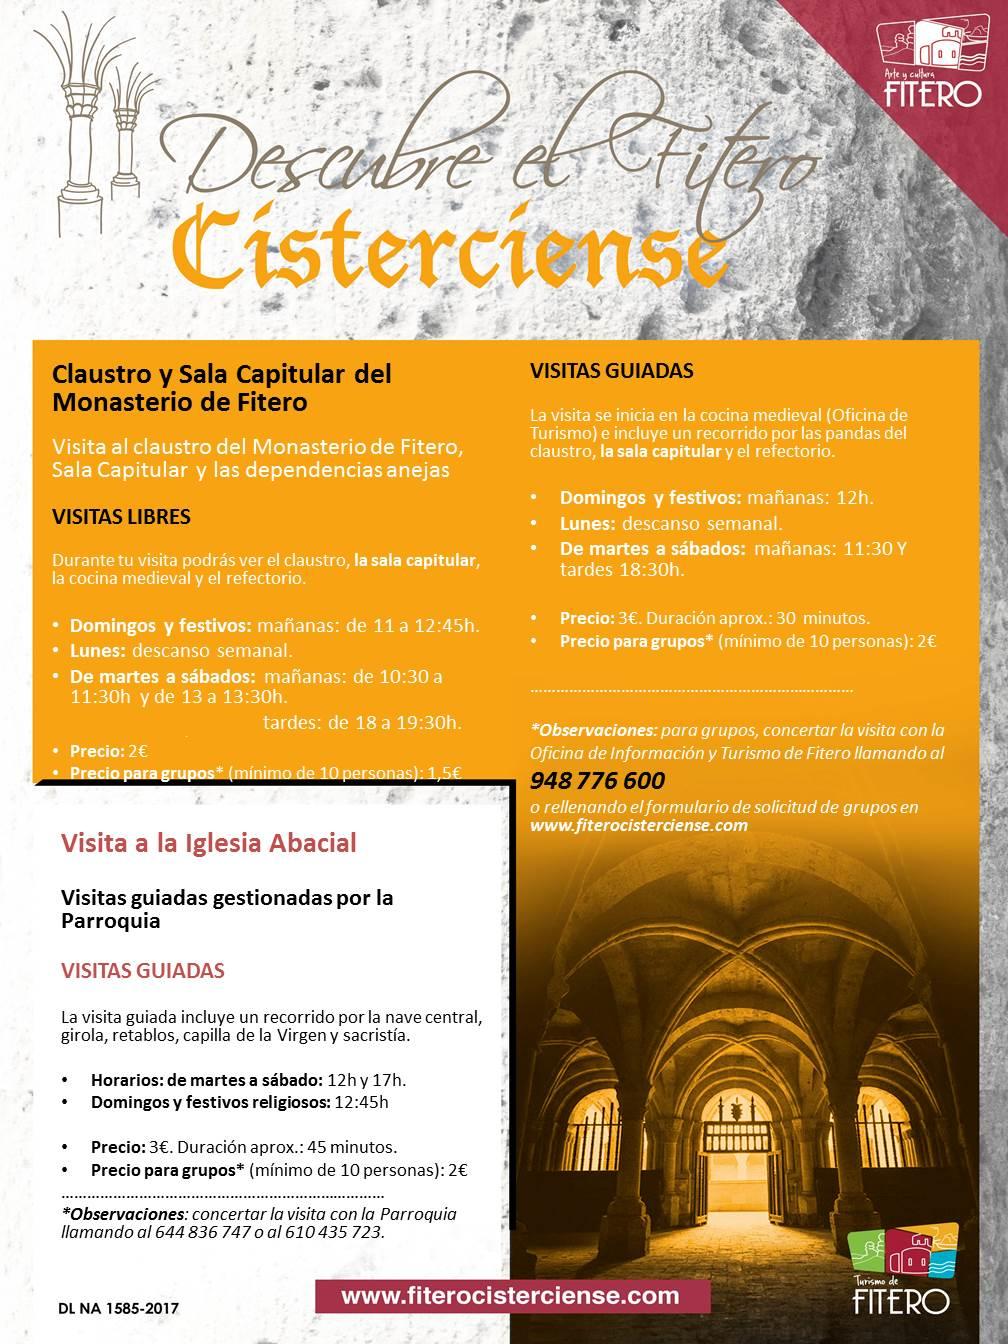 Nuevos horarios de visitas al Monasterio de Fitero desde el 15 de junio.